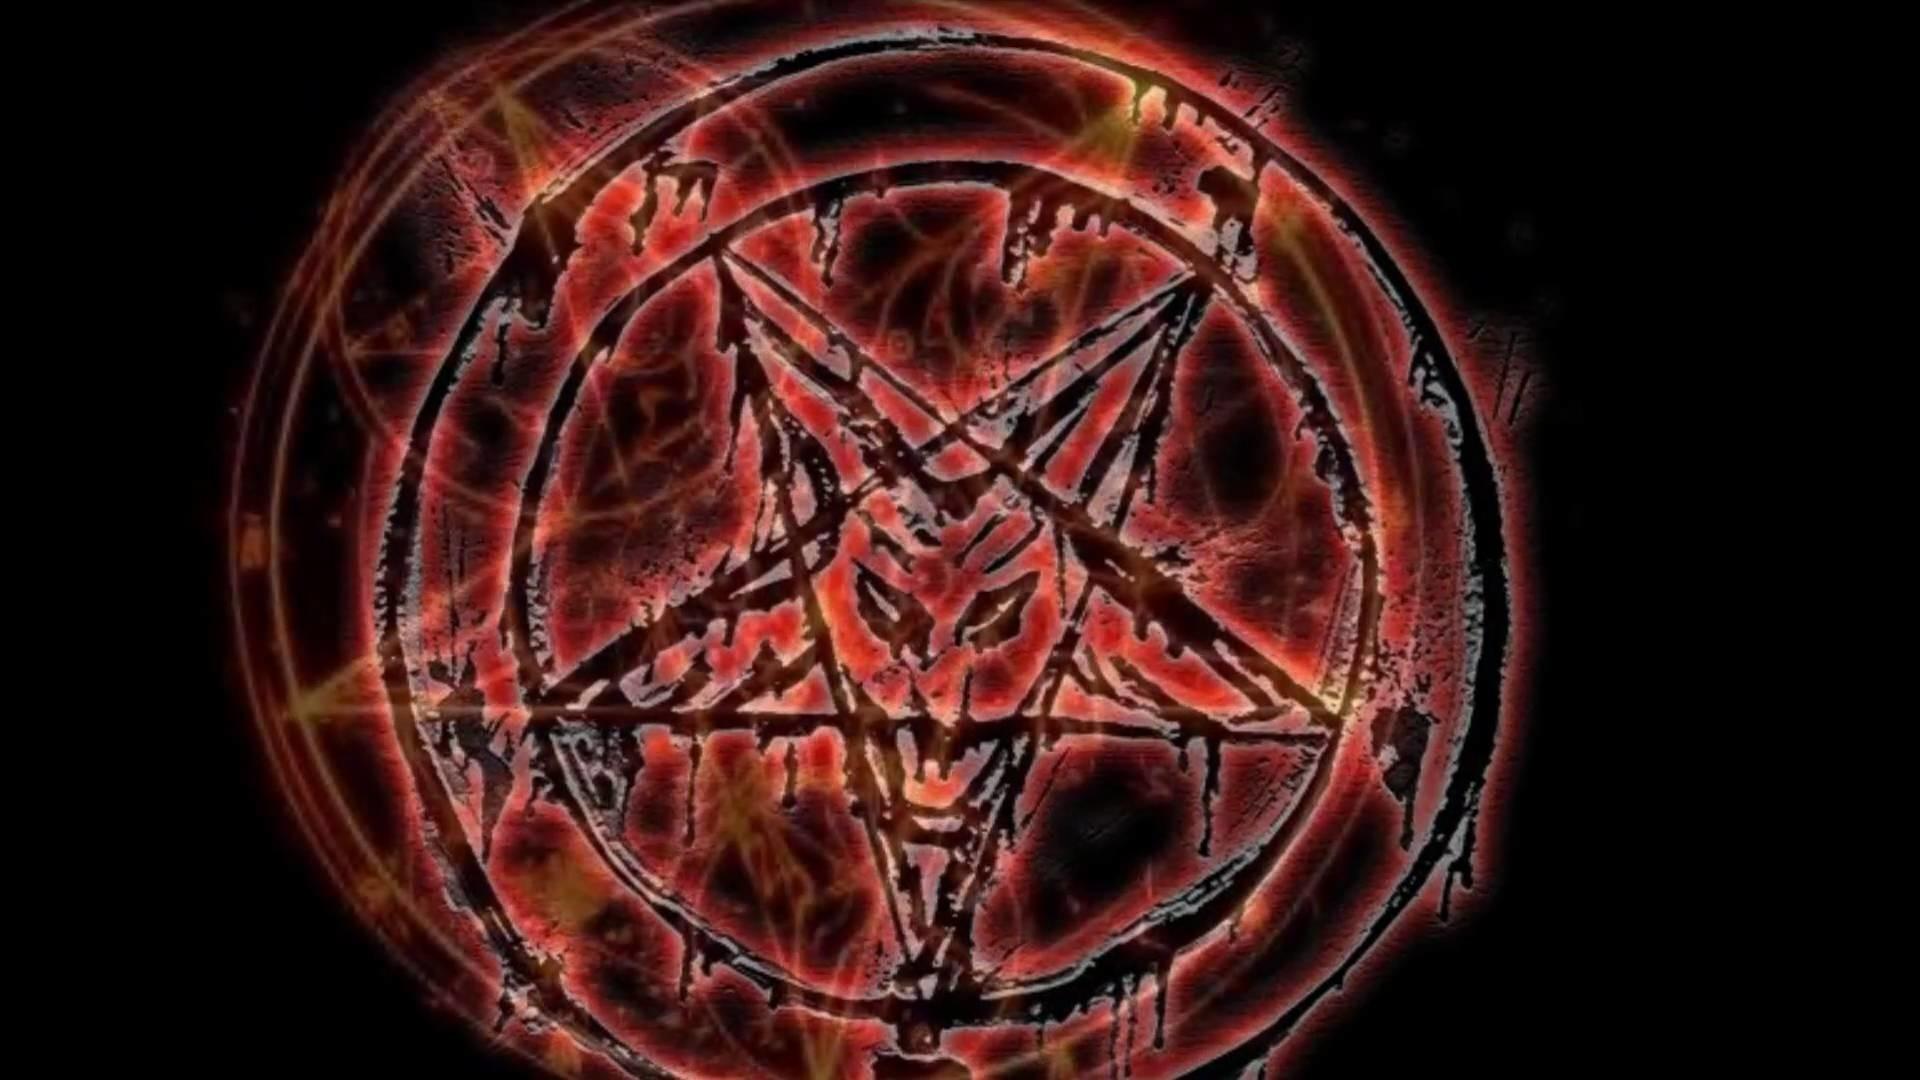 Occult Wallpapers Hd Satanic Pentagram Wallpaper 183 ①